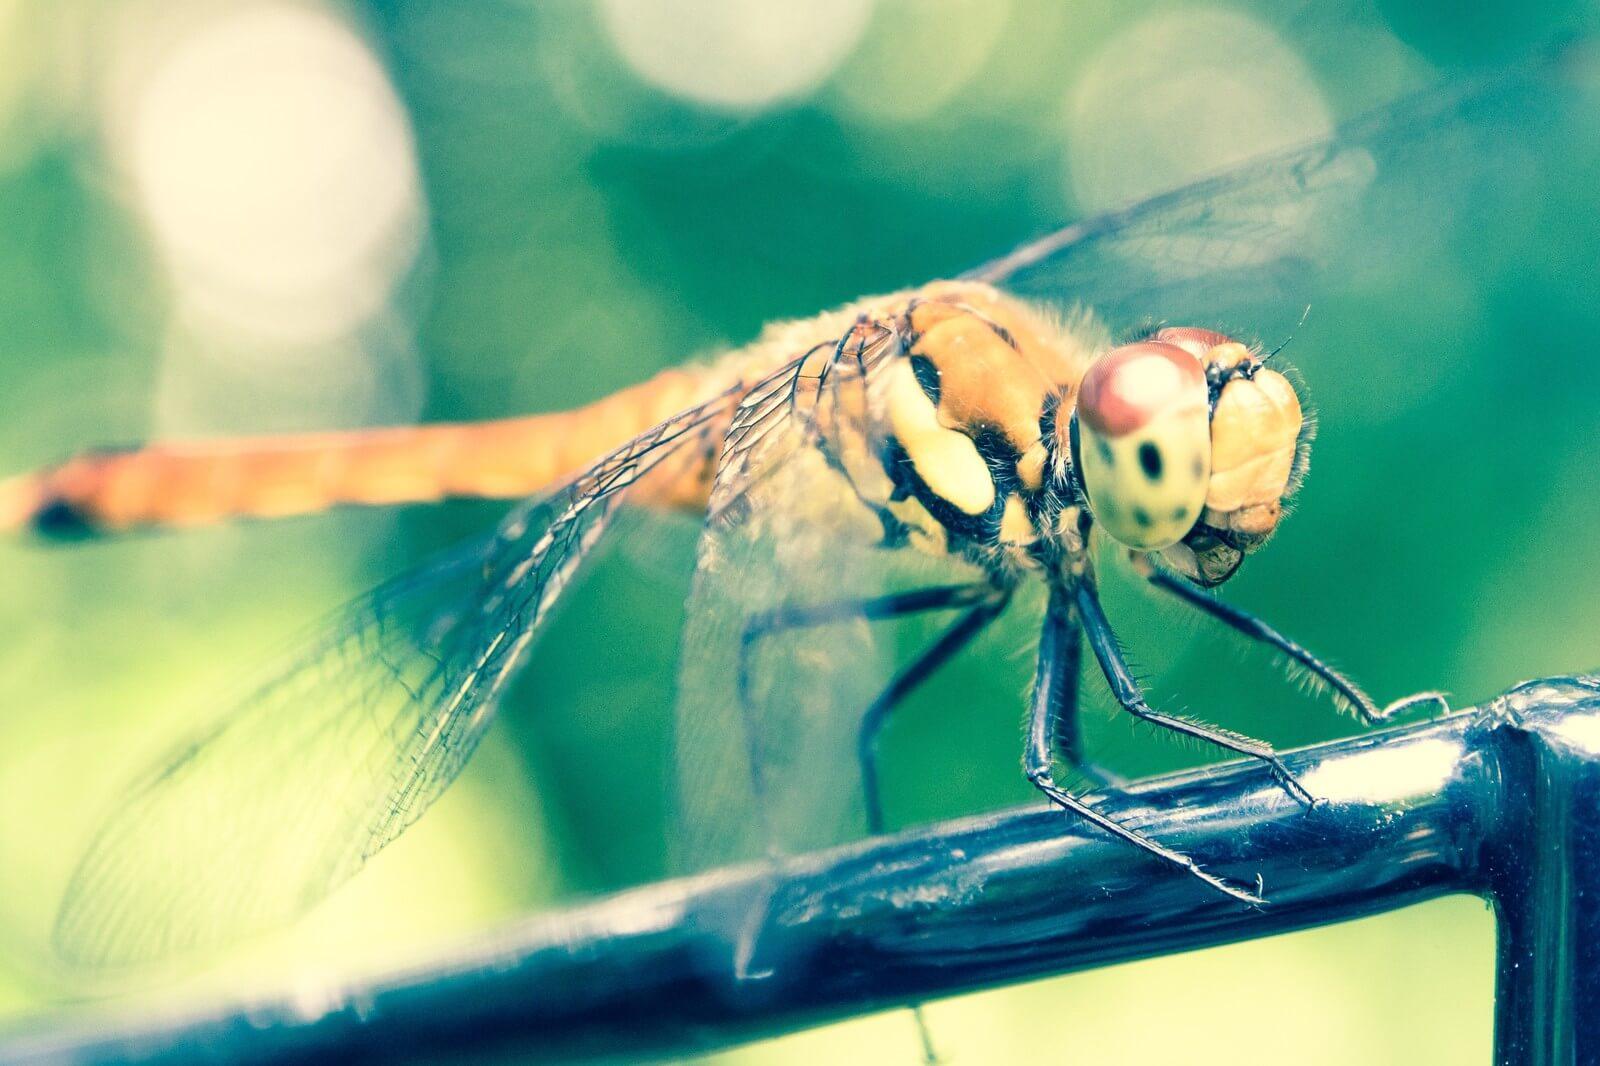 秋近し、トンボの話 といっても昆虫ではなく印刷用語の話